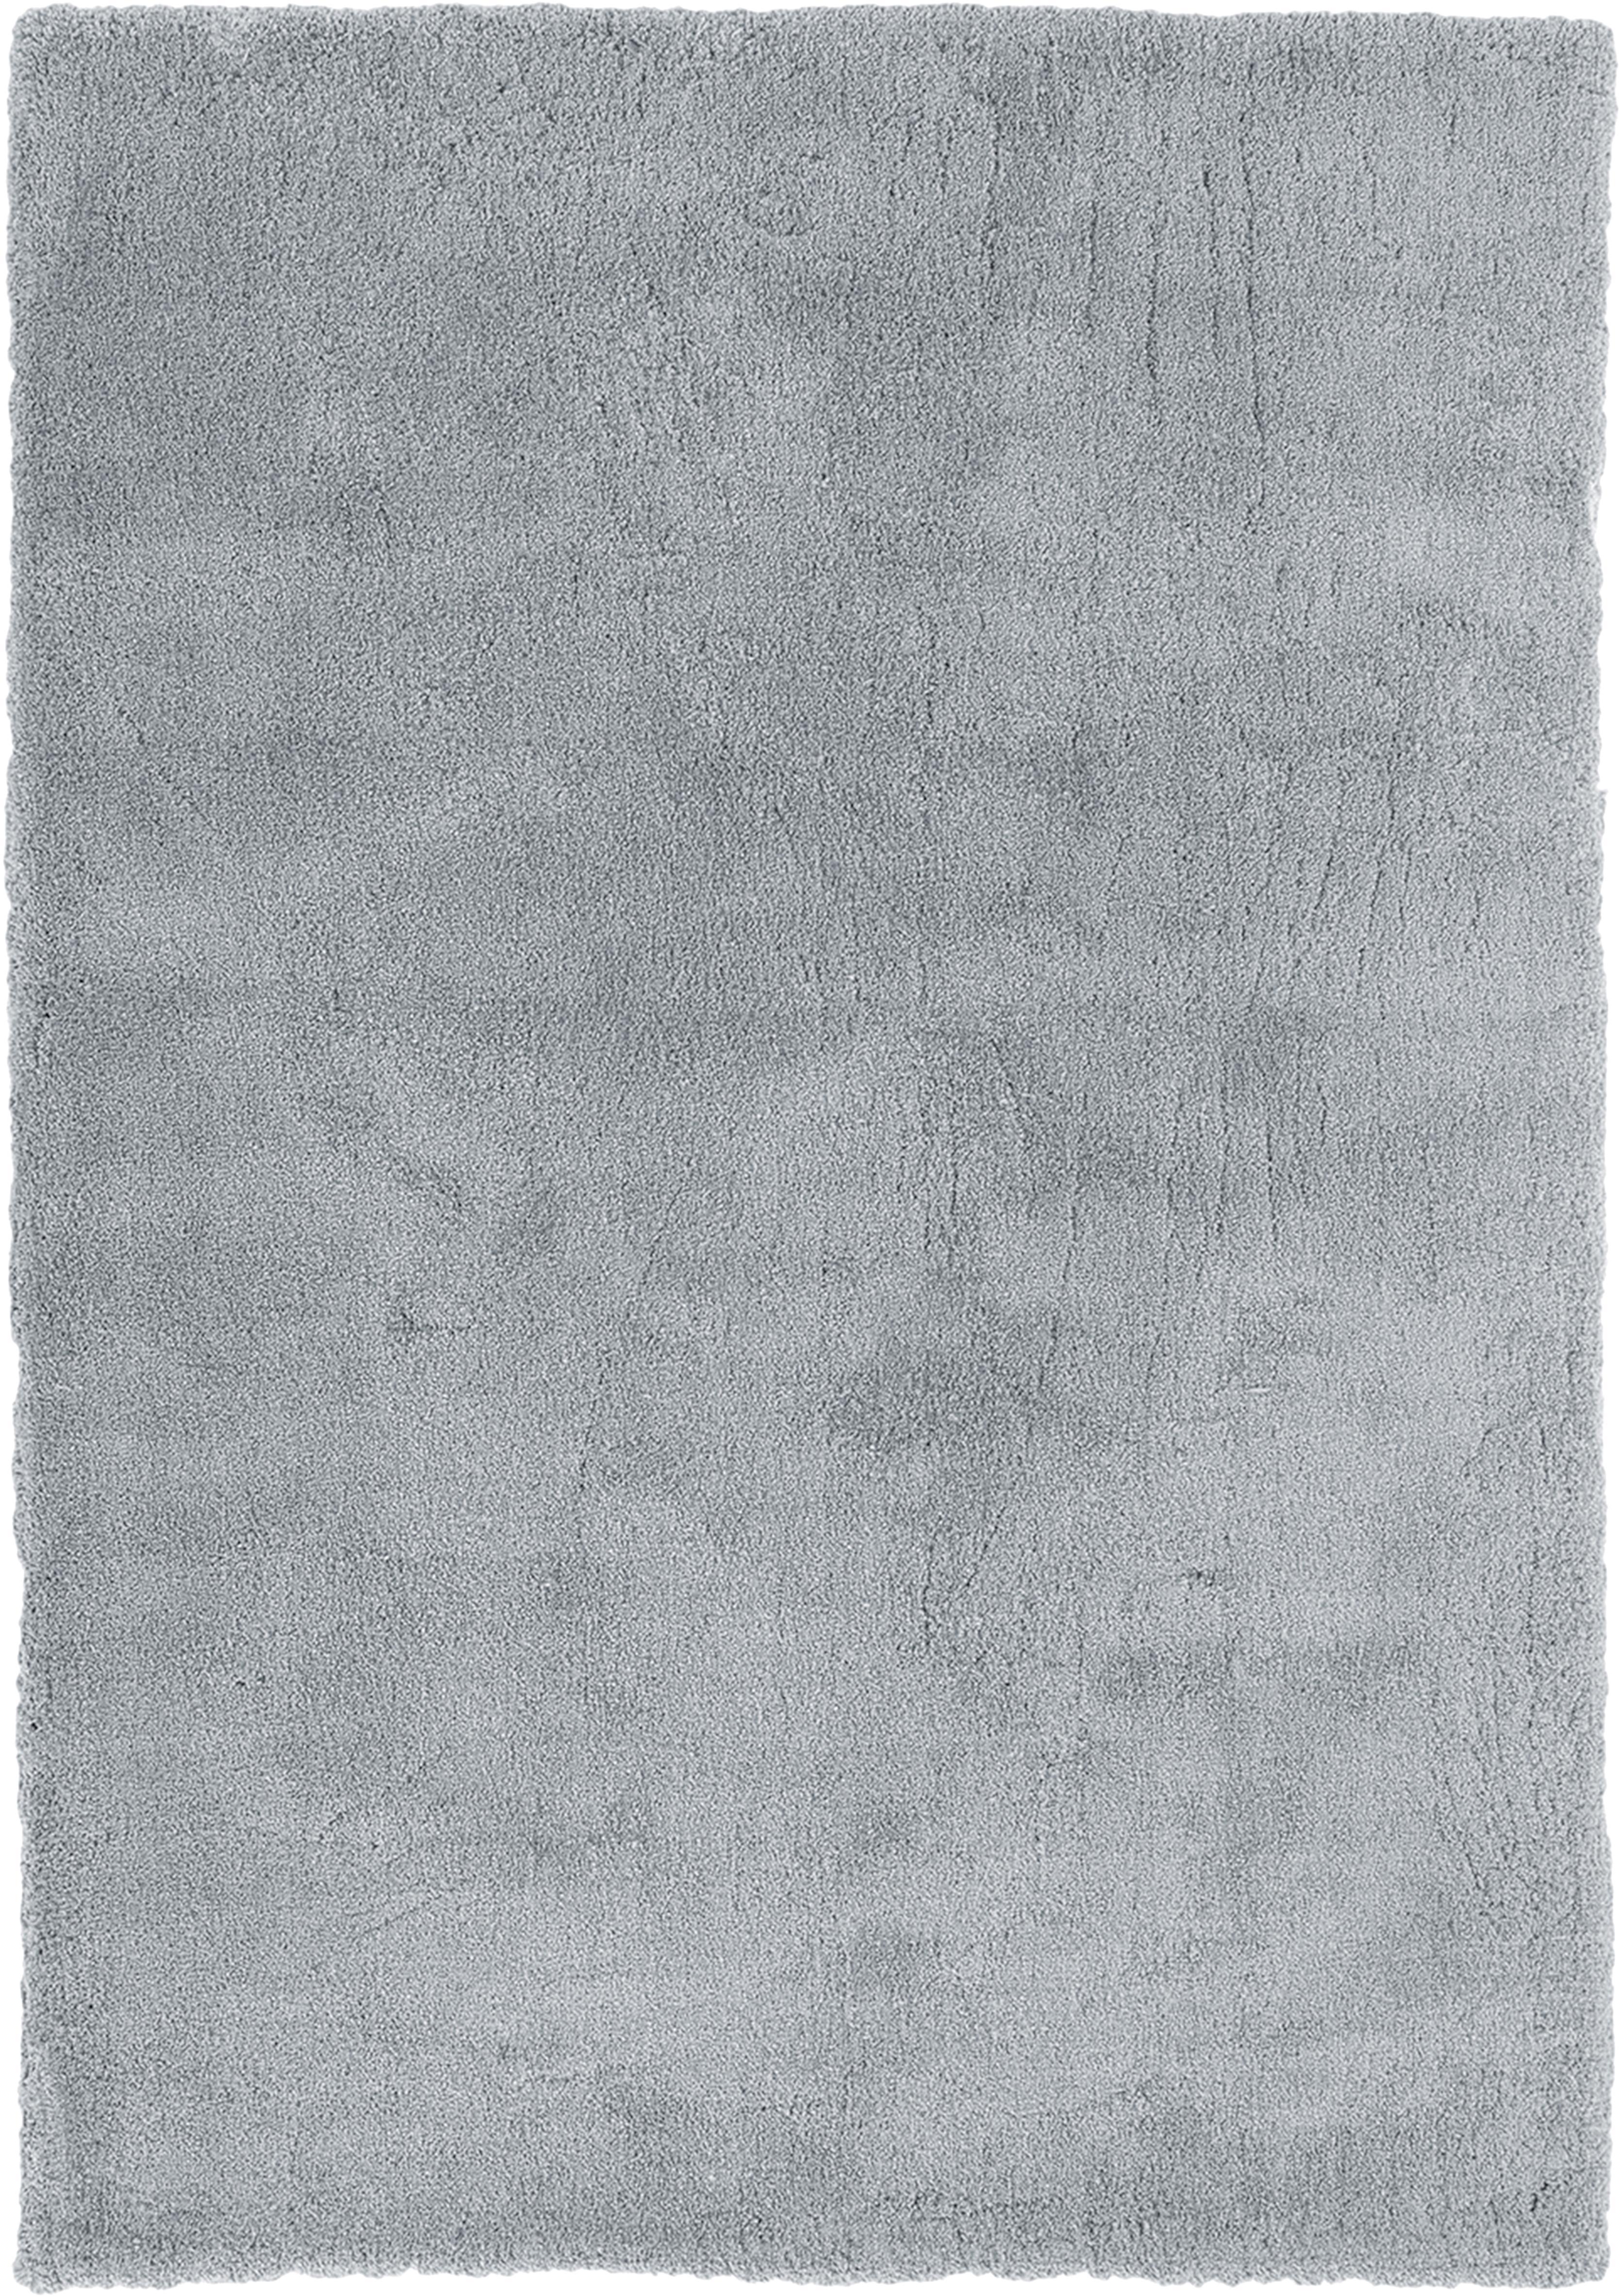 Tappeto peloso morbido grigio scuro Leighton, Retro: 70% poliestere, 30% coton, Grigio, Larg. 120 x Lung. 180 cm (taglia S)